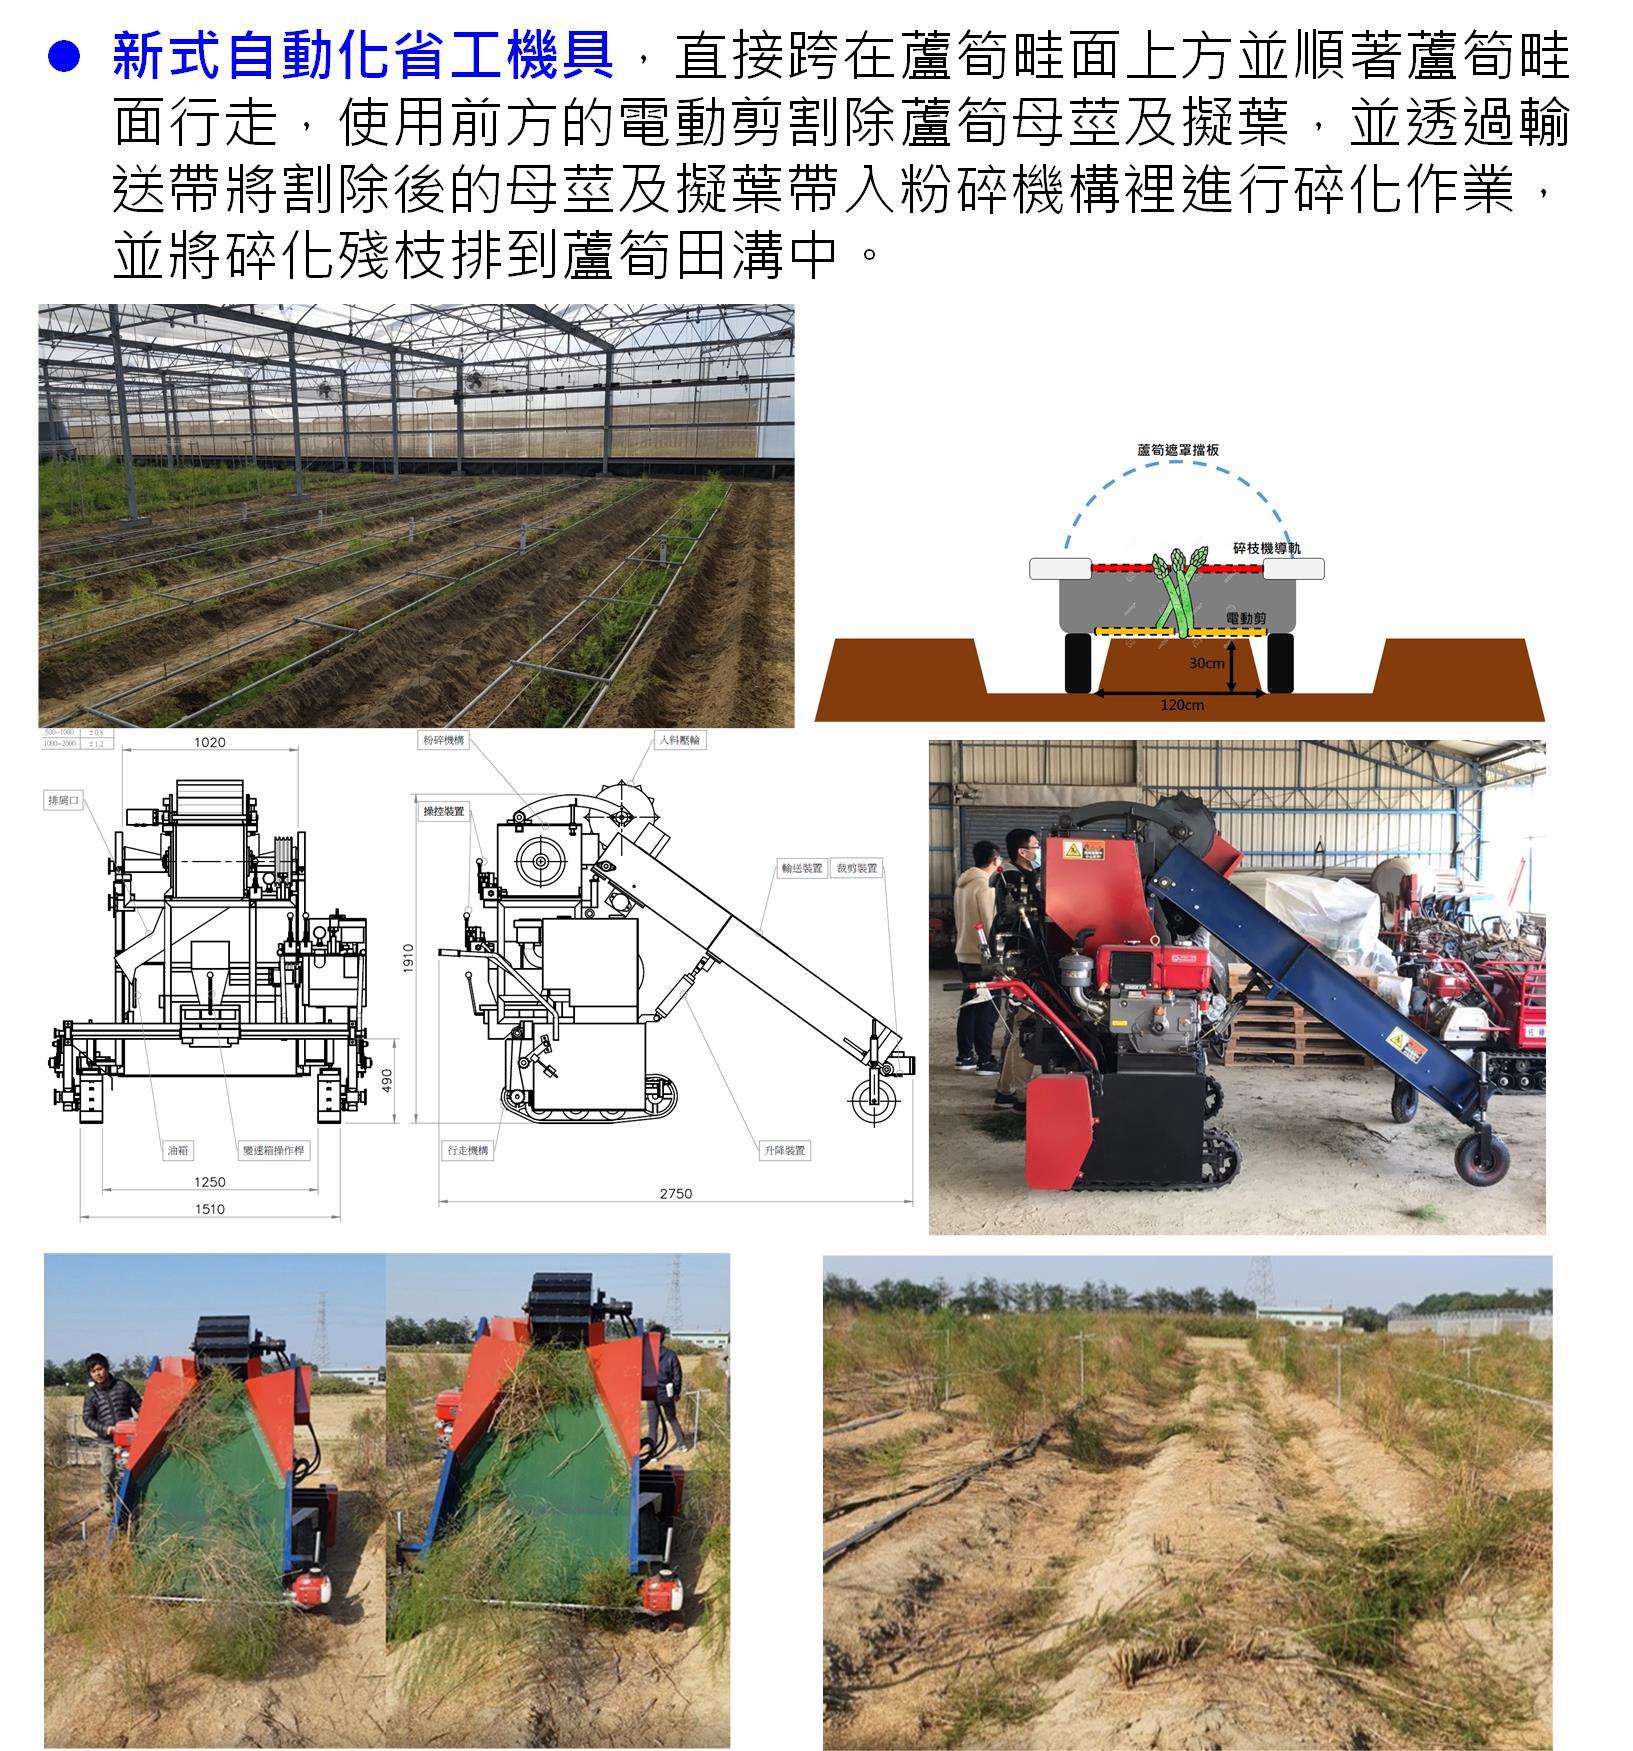 設施蘆筍農業機具與智能作物生產決策系統